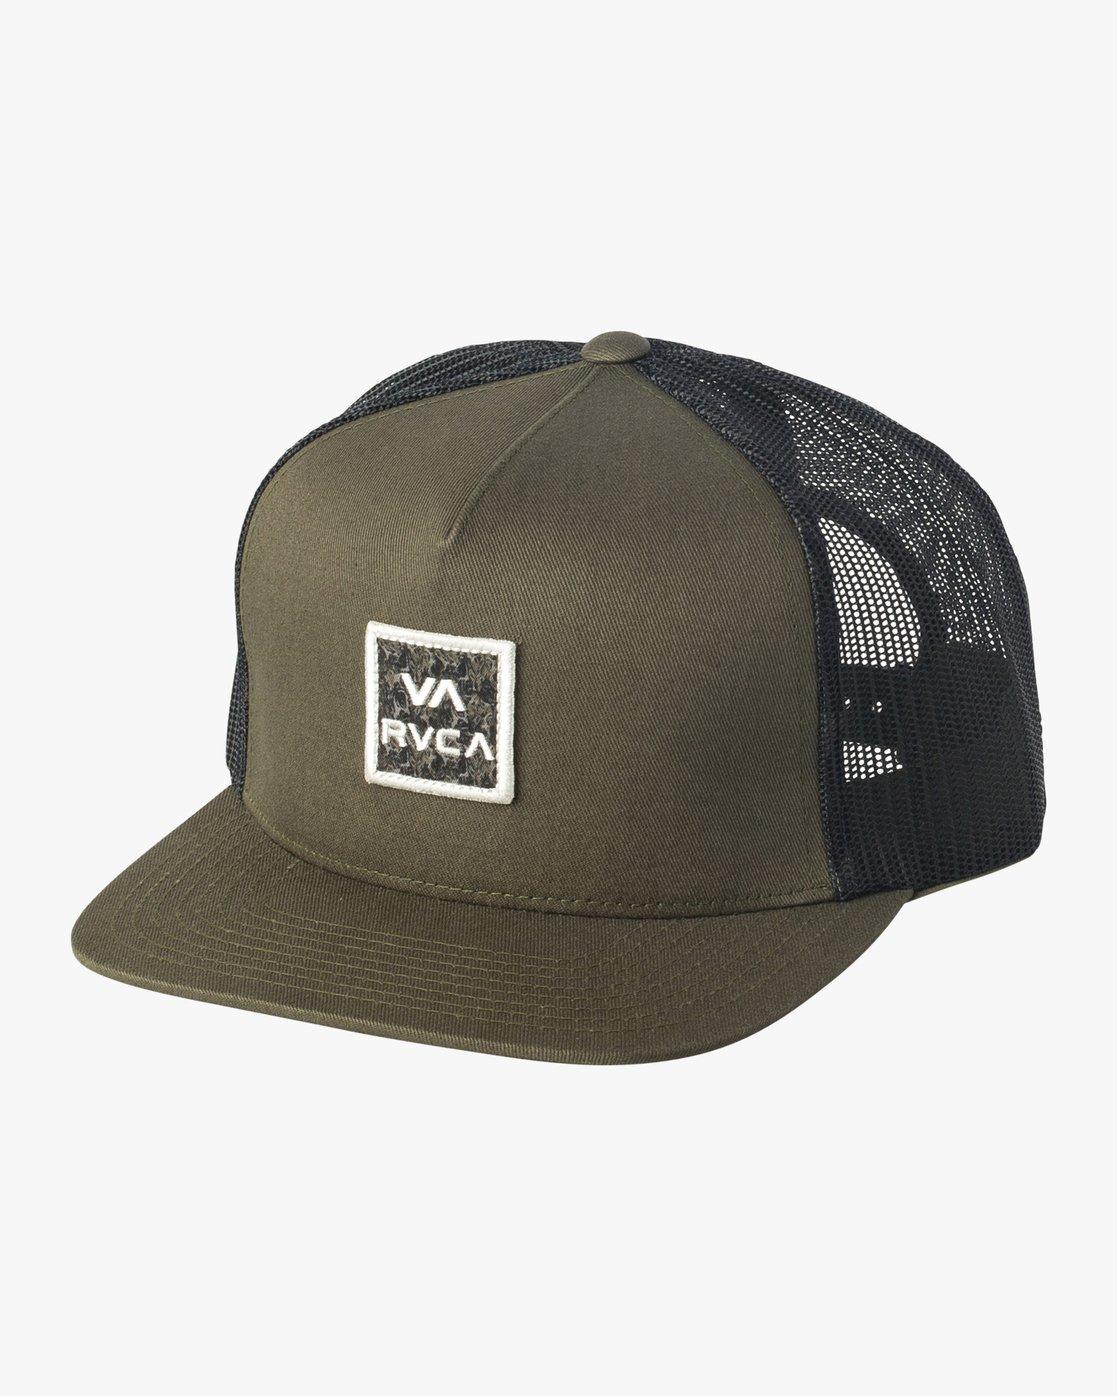 0 VA All The Way Printed Trucker Hat Green MAHWQRTP RVCA